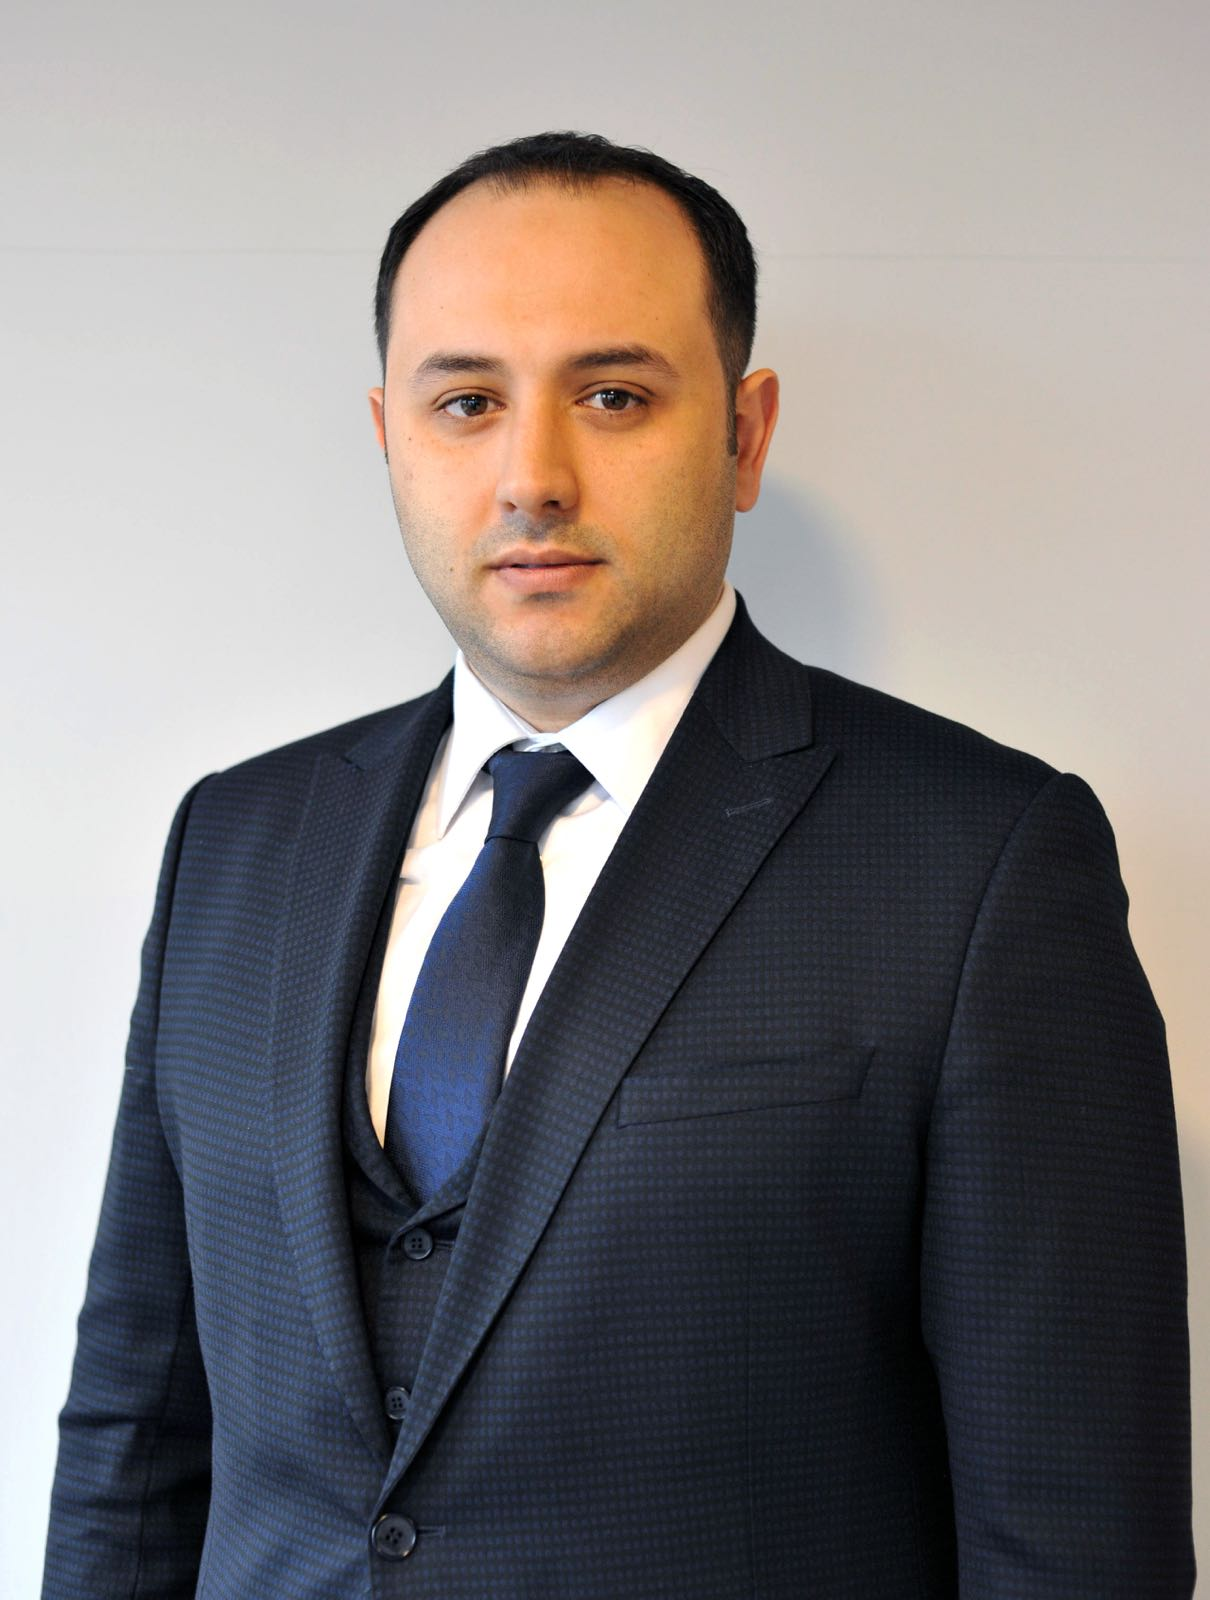 Ahmet Can Altunışık - Karadeniz Teknik Üniversitesi - İnşaat Mühendisliği